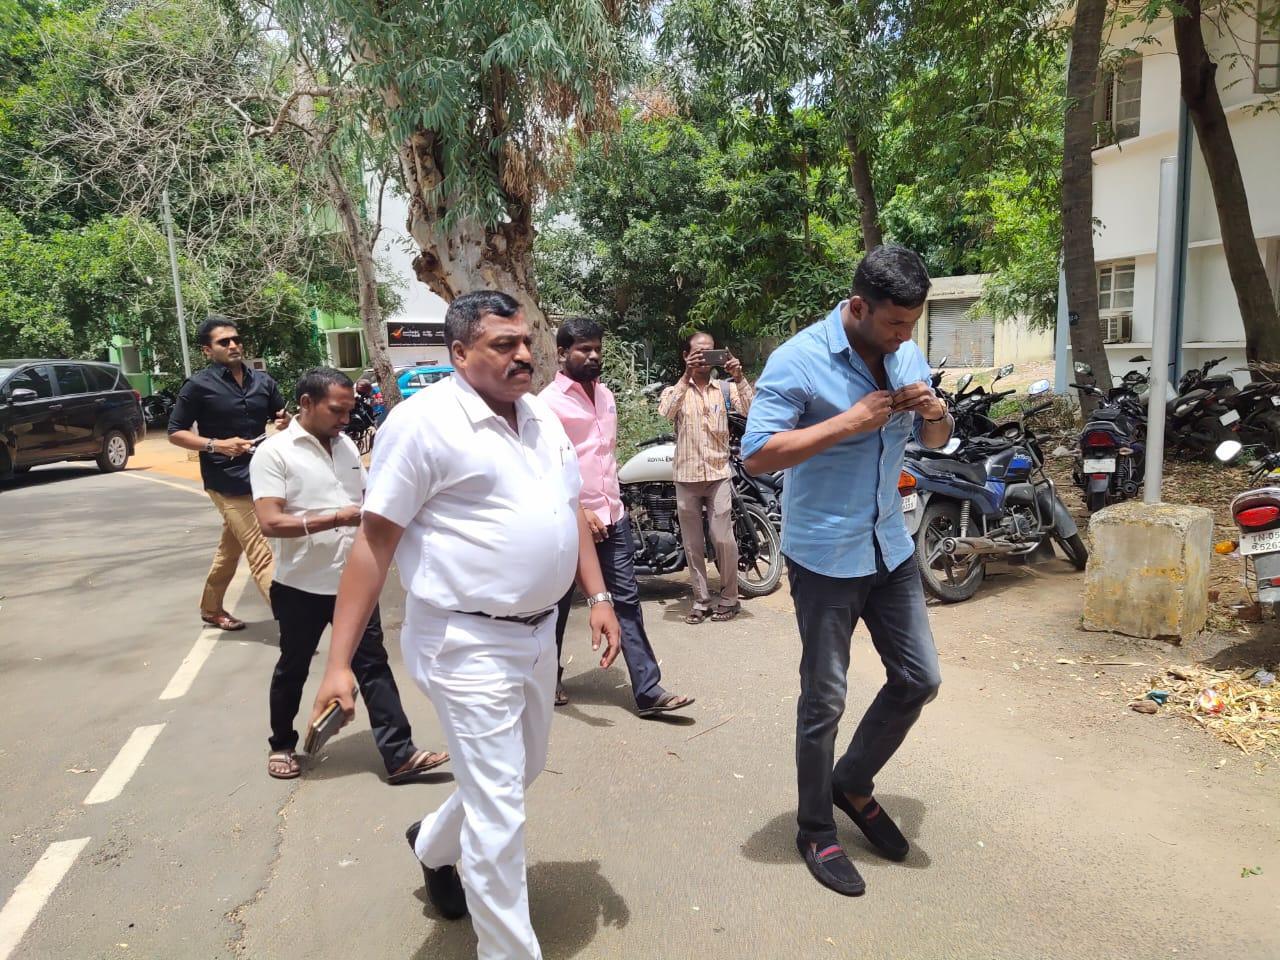 விஷால், காஞ்சிபுரம் எஸ்பி அலுவலகம்